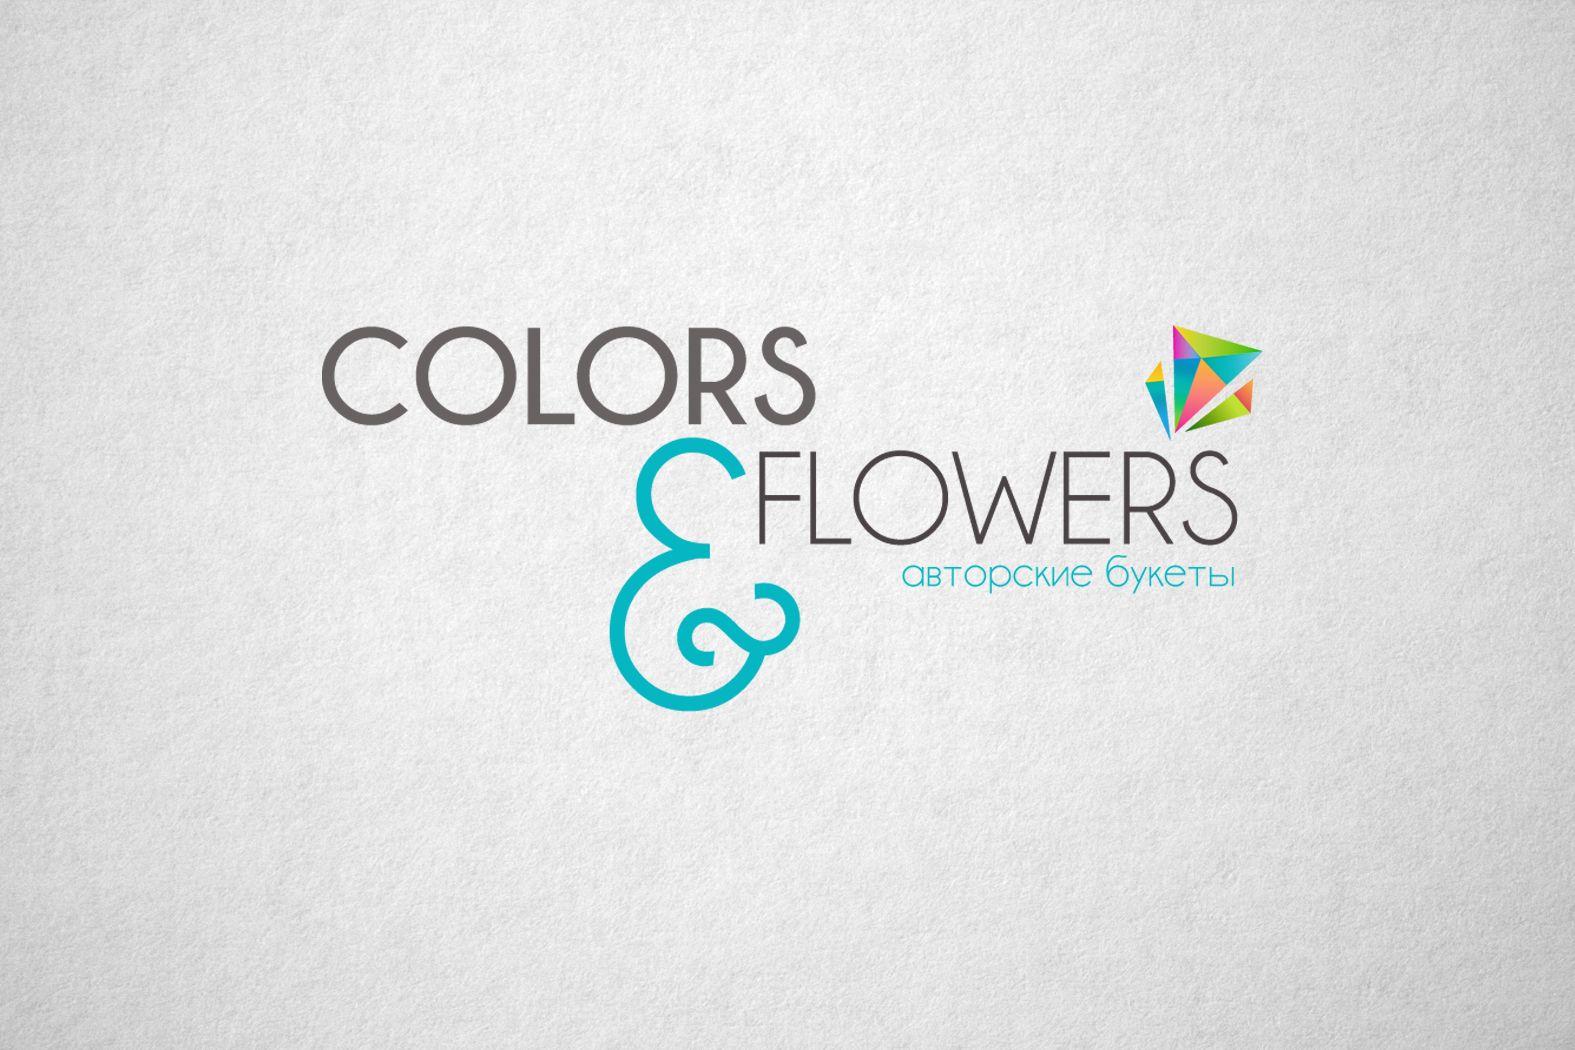 Colors & Flowers Логотип и фирменный стиль - дизайнер funkielevis